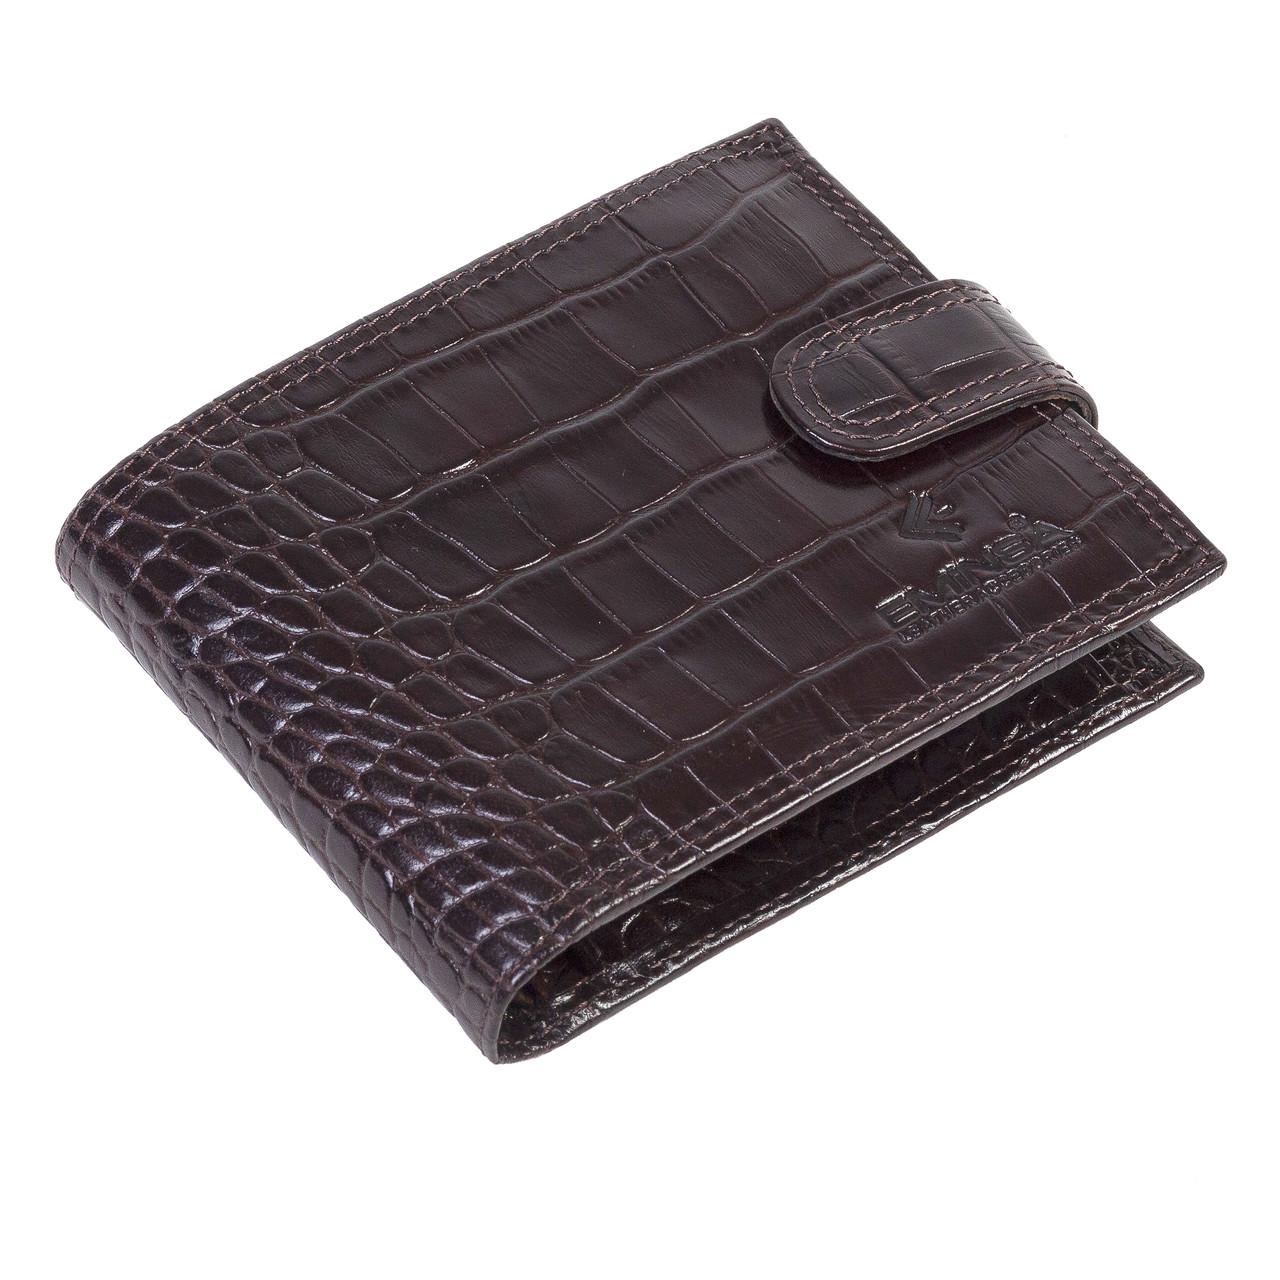 Мужское портмоне Eminsa 1043-4-3 кожаное коричневое